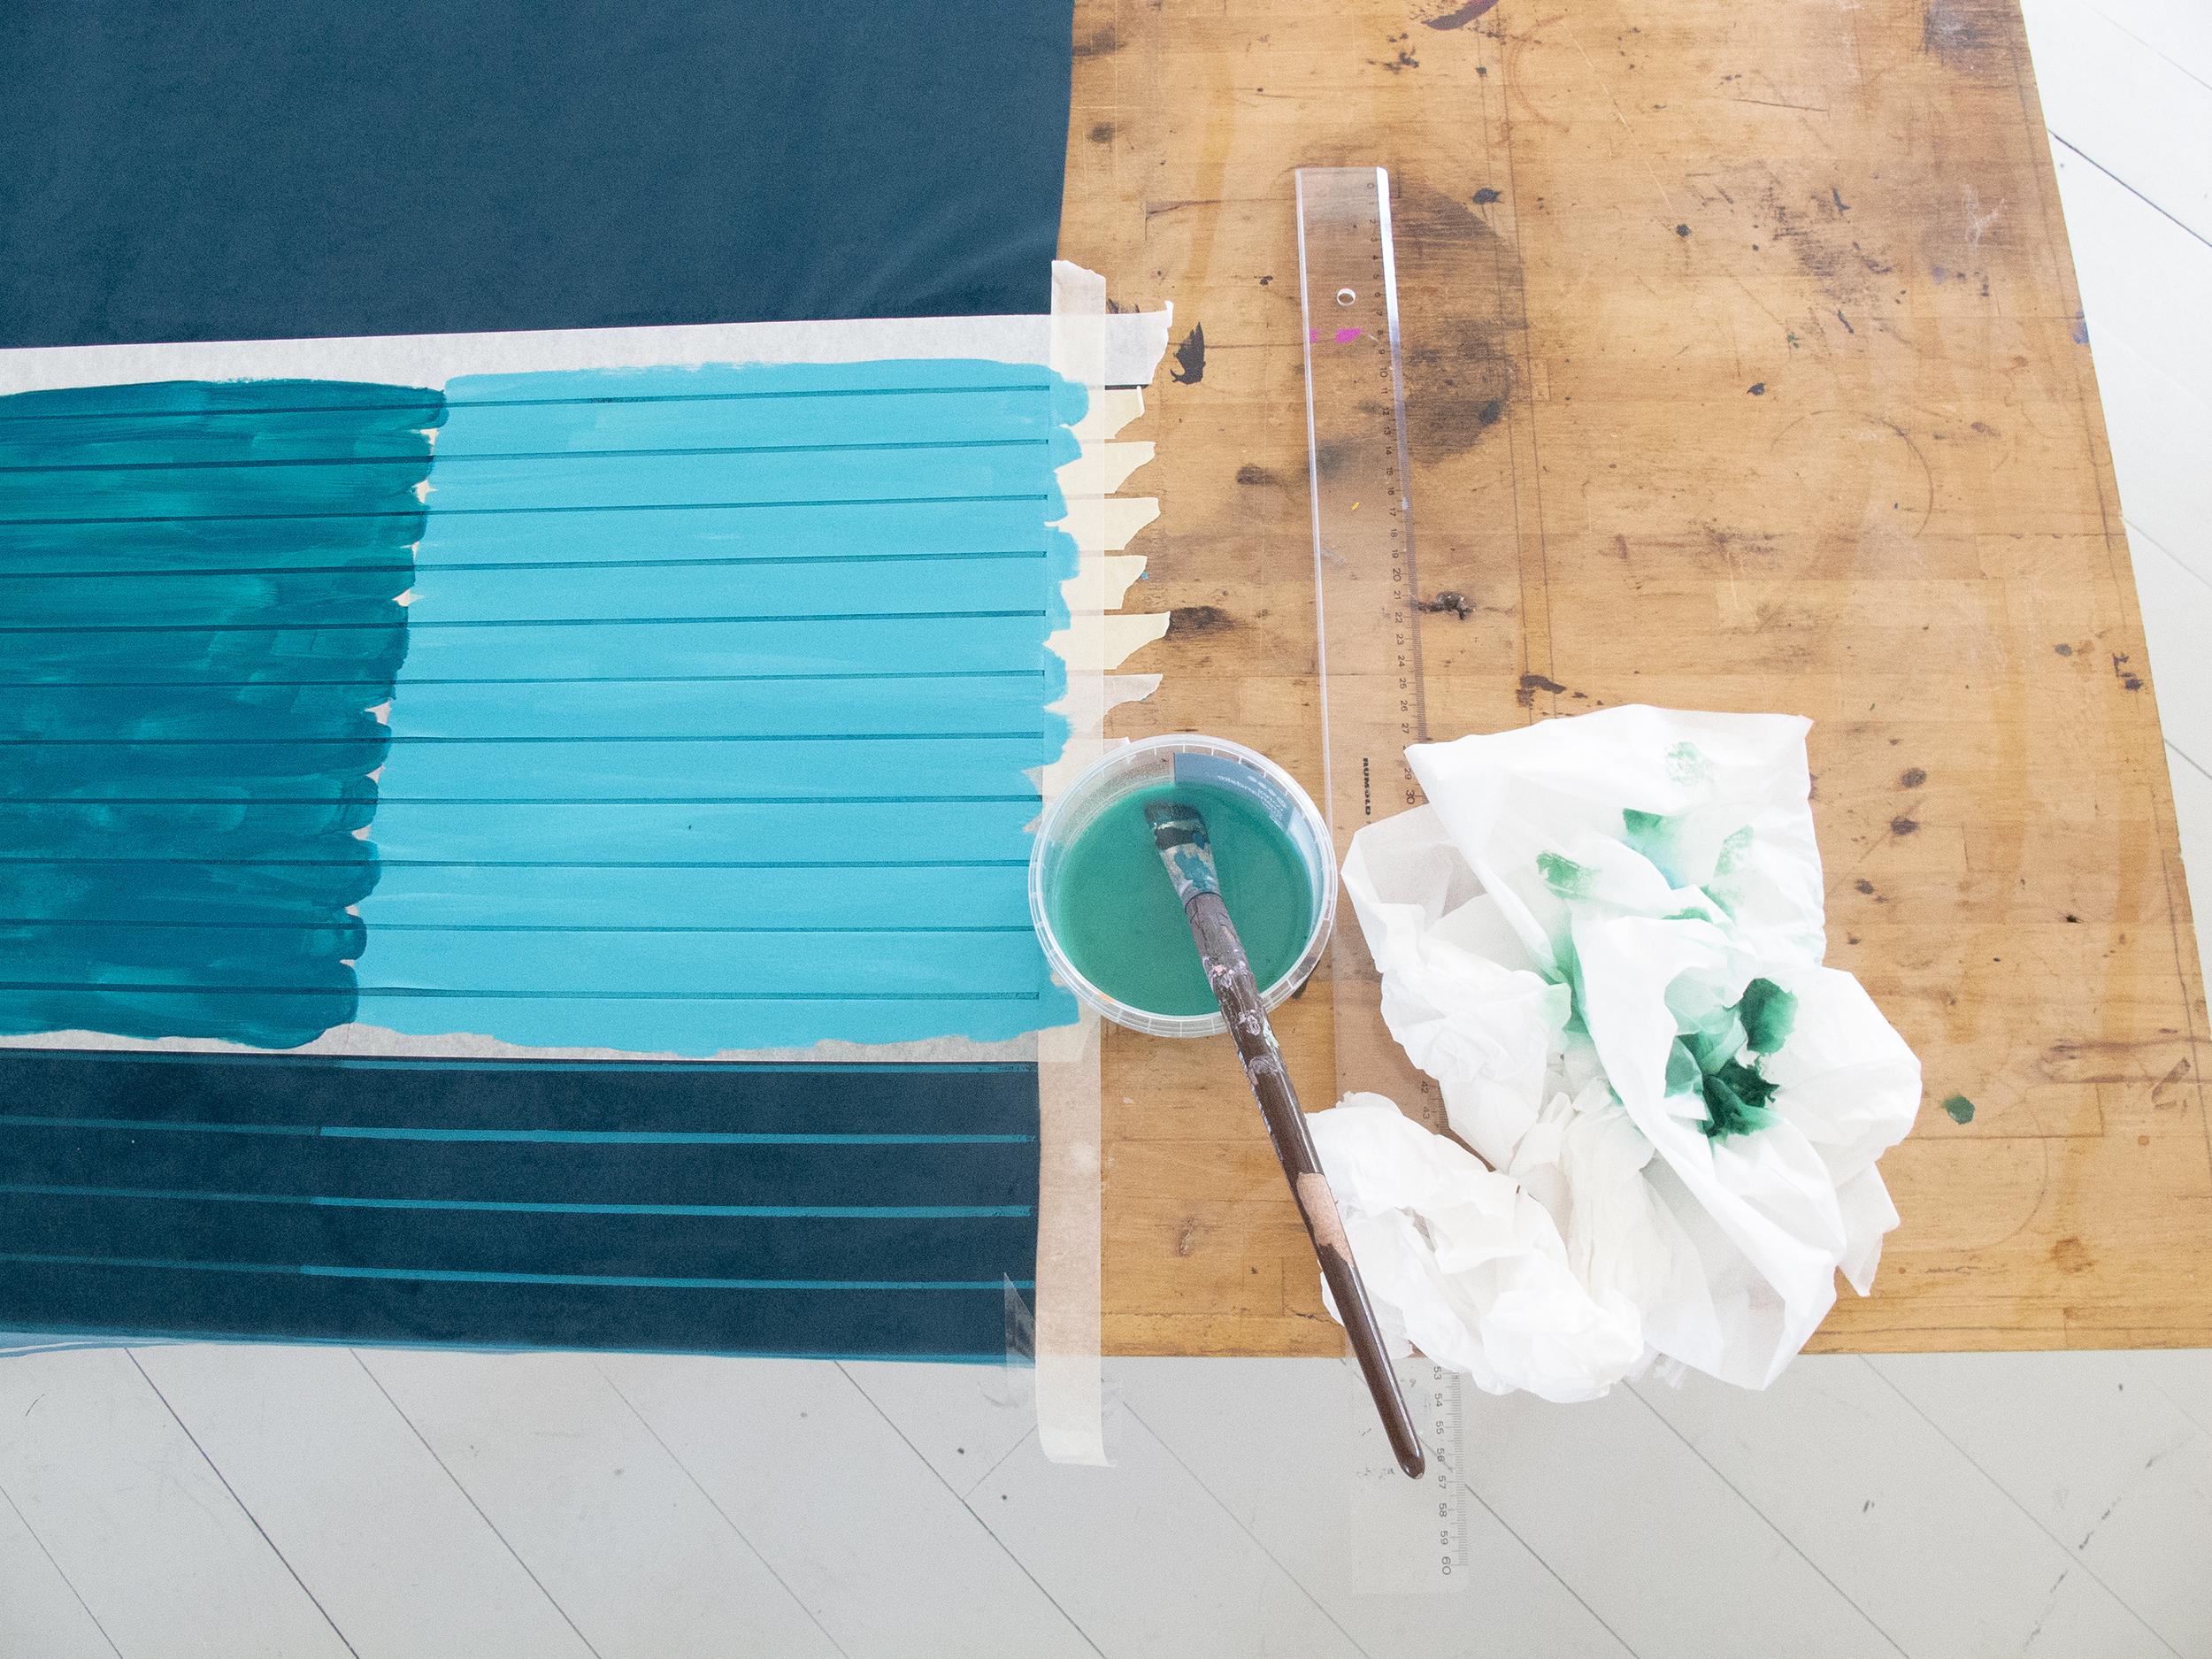 Forsidestof / eksperimenter med maling på velour og andre farveeksperimenter i større skala